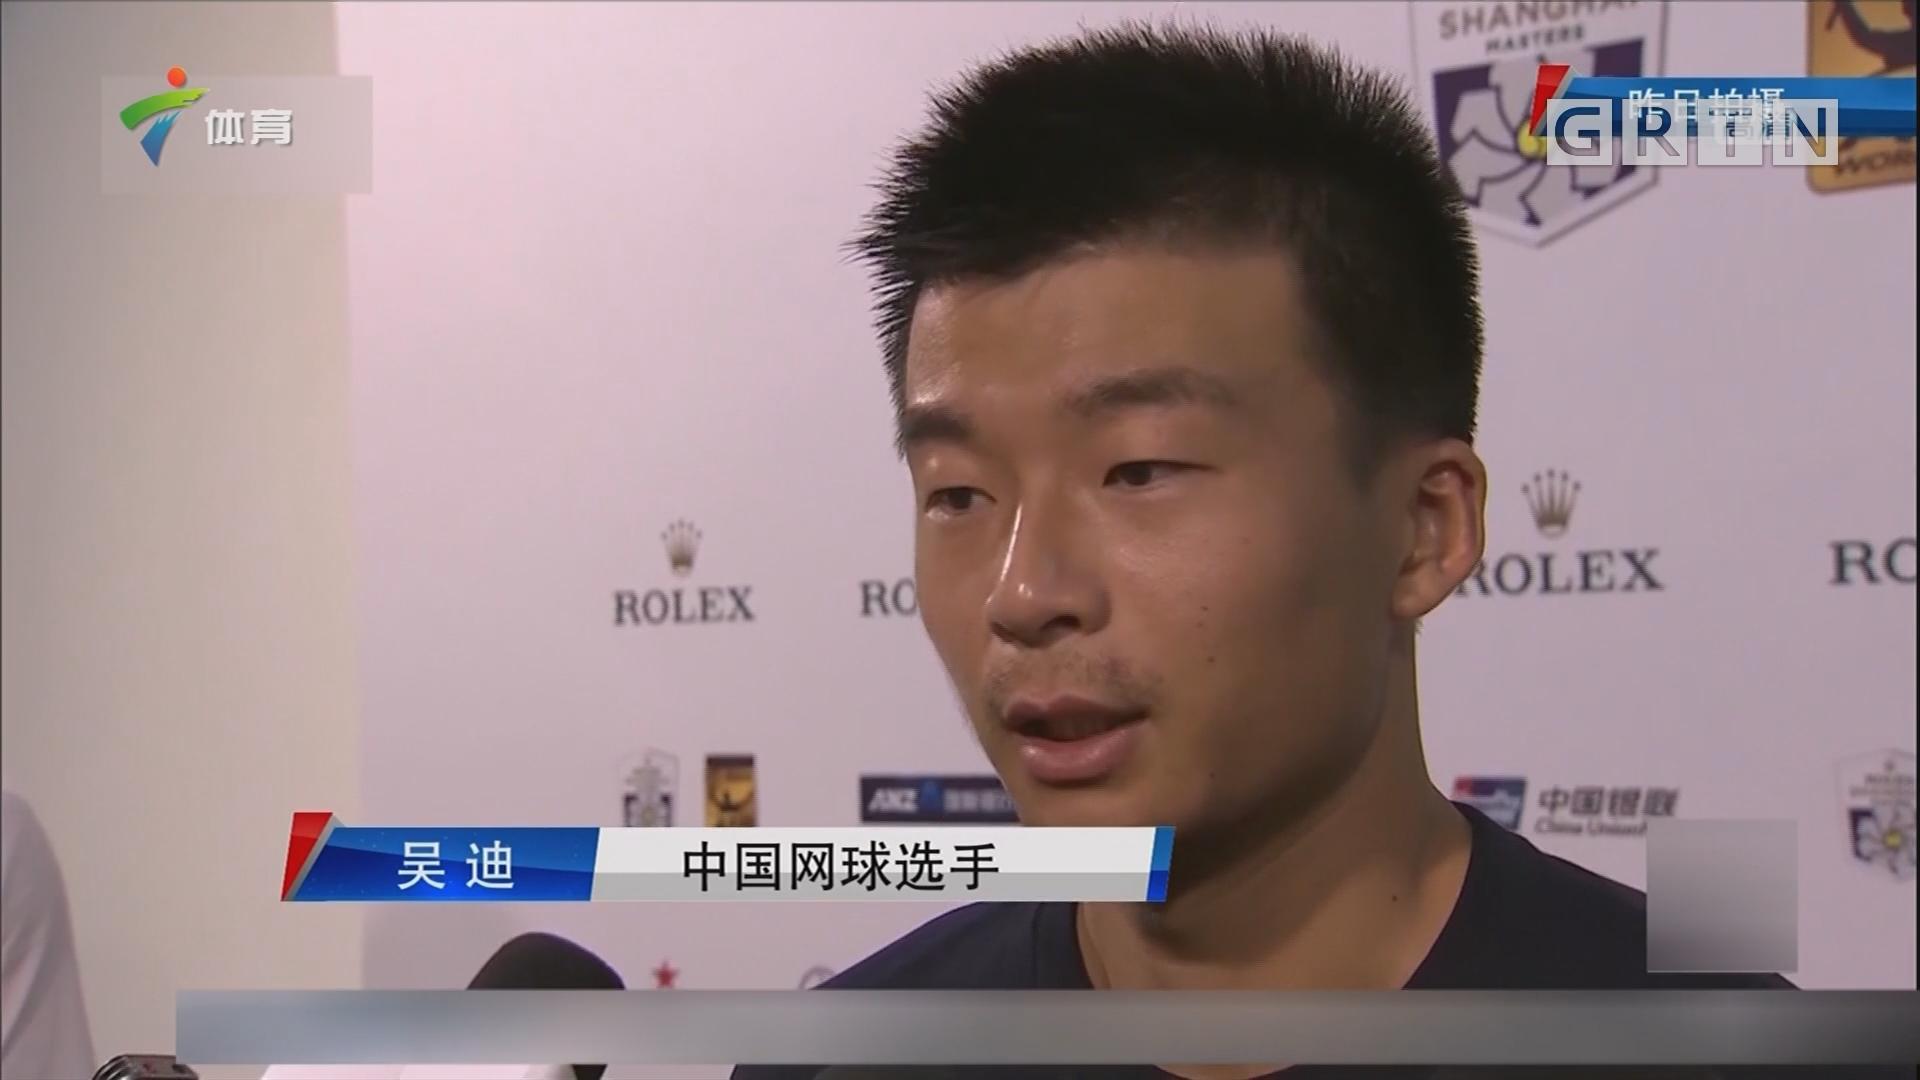 吴迪止步上海网球大师赛男单次轮